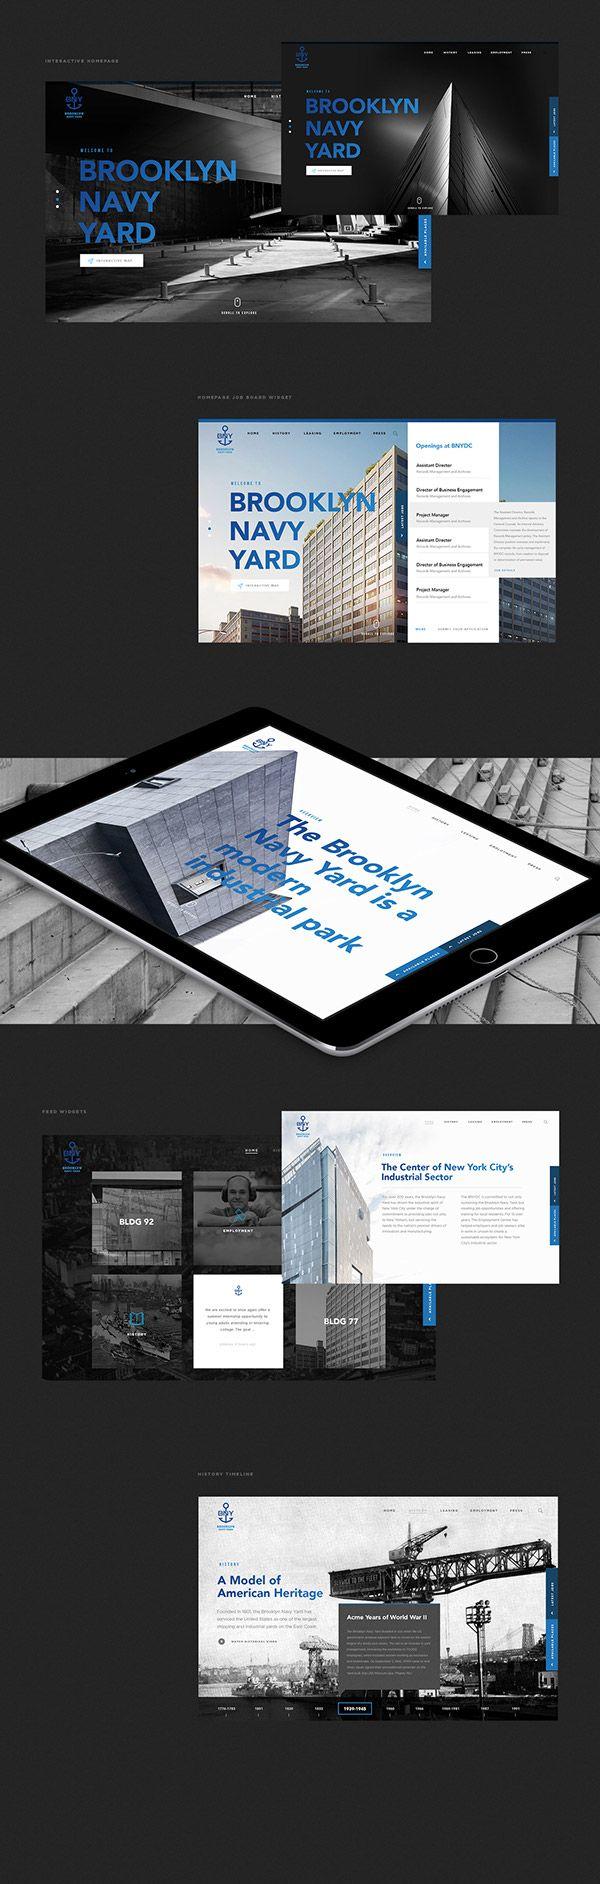 BNY on Web Design Served